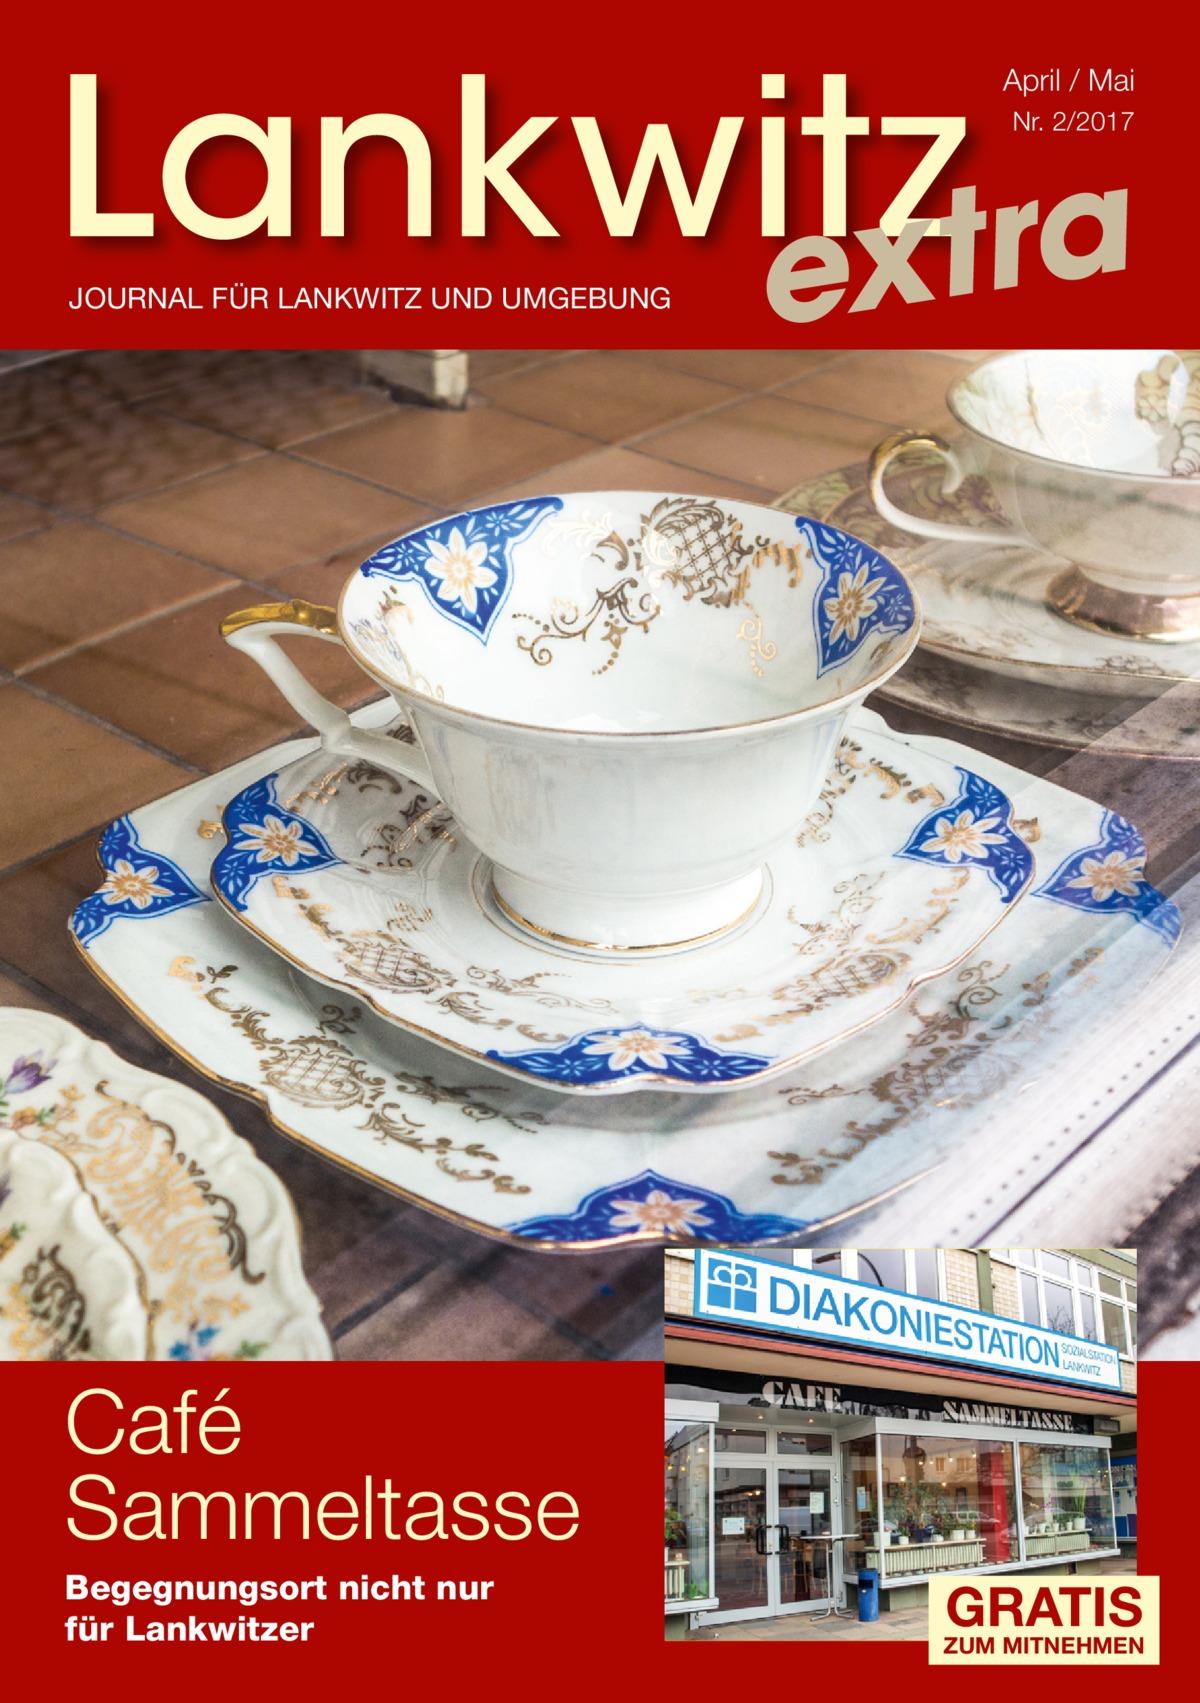 Lankwitz a r t x e  April / Mai Nr. 2/2017  JOURNAL FÜR LANKWITZ UND UMGEBUNG  Café Sammeltasse Begegnungsort nicht nur für Lankwitzer  GRATIS  ZUM MITNEHMEN